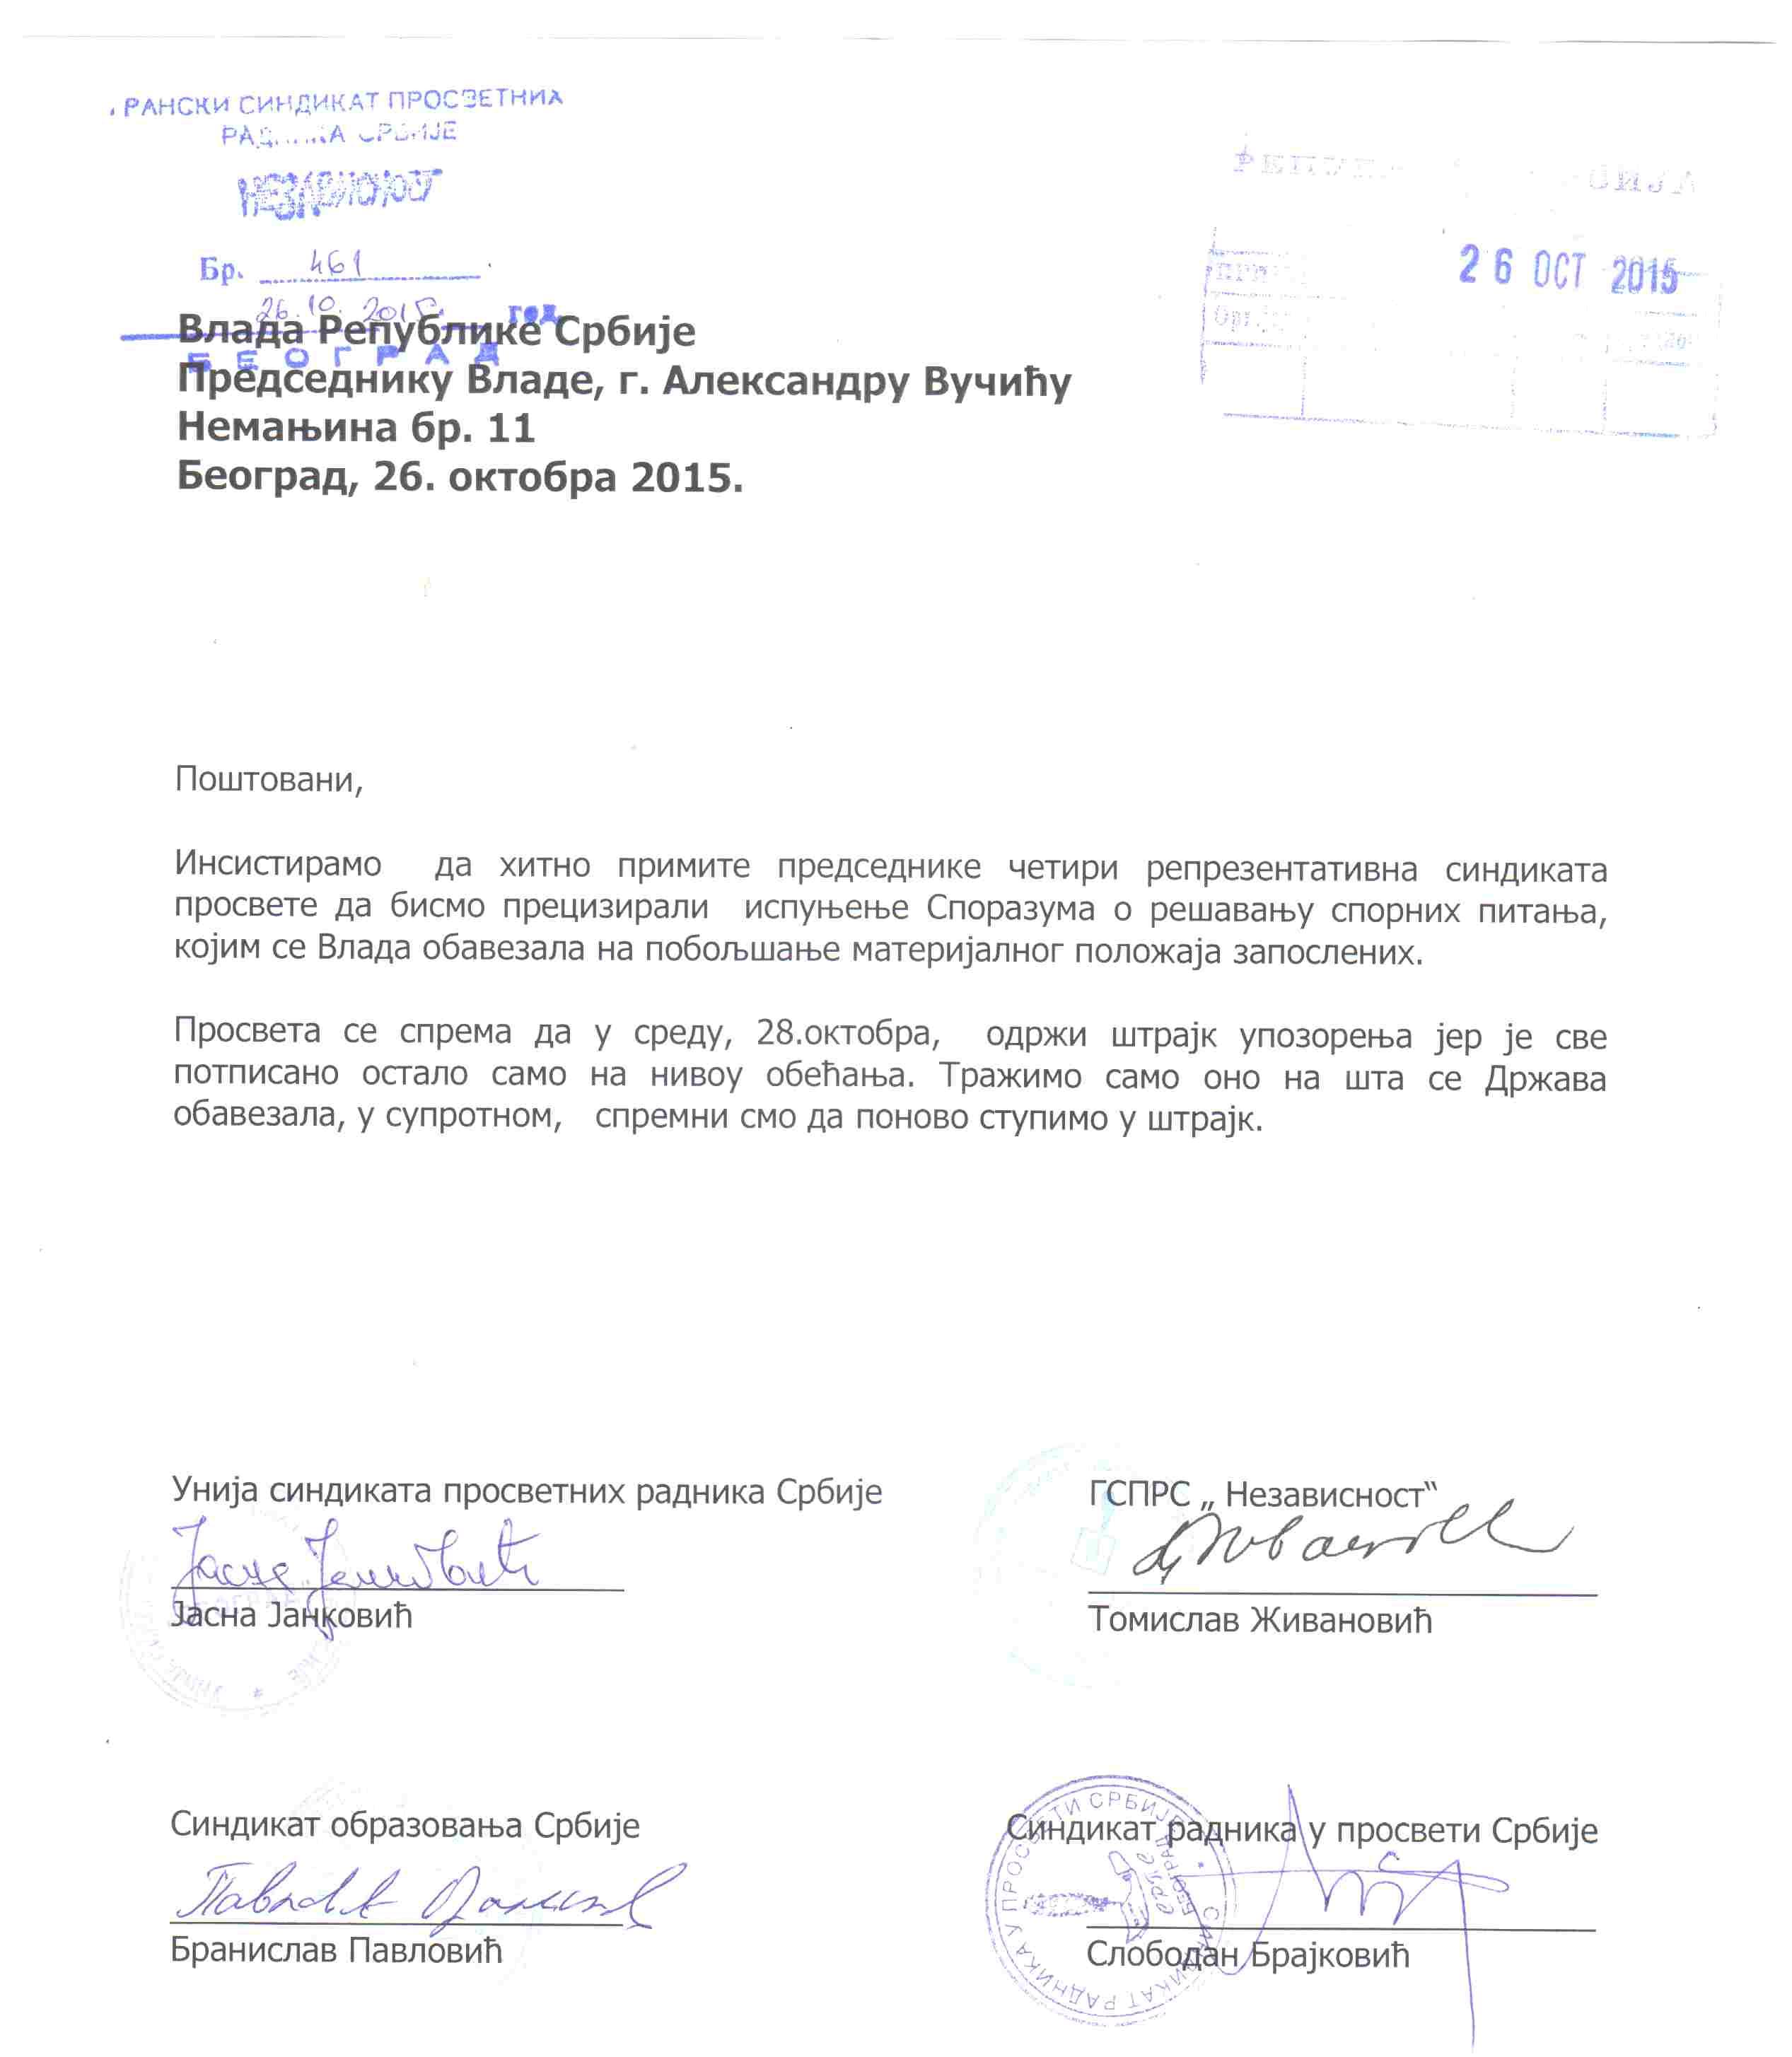 Dopis Aleksandru Vucicu 26.10.2015 14-35